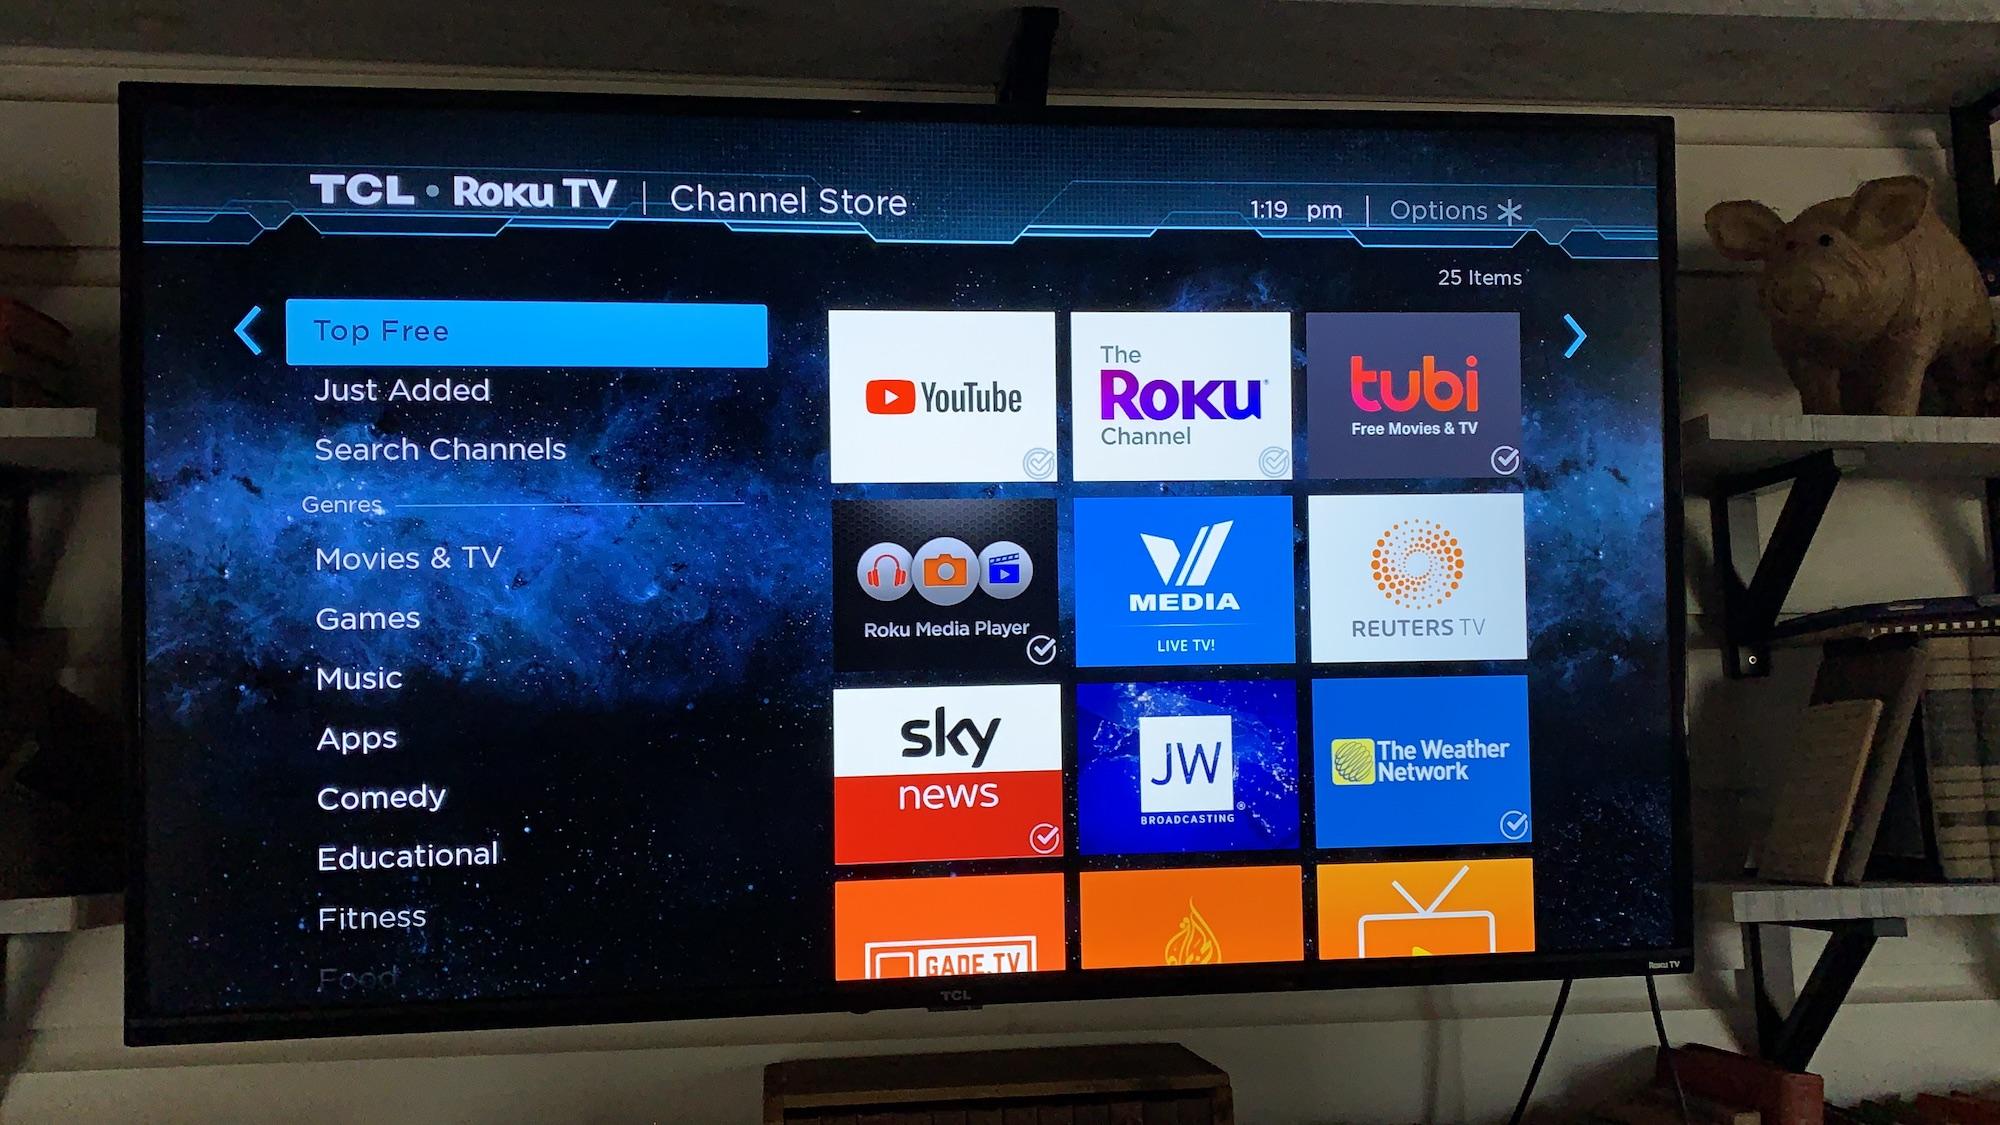 TCL 4 Series Roku menu